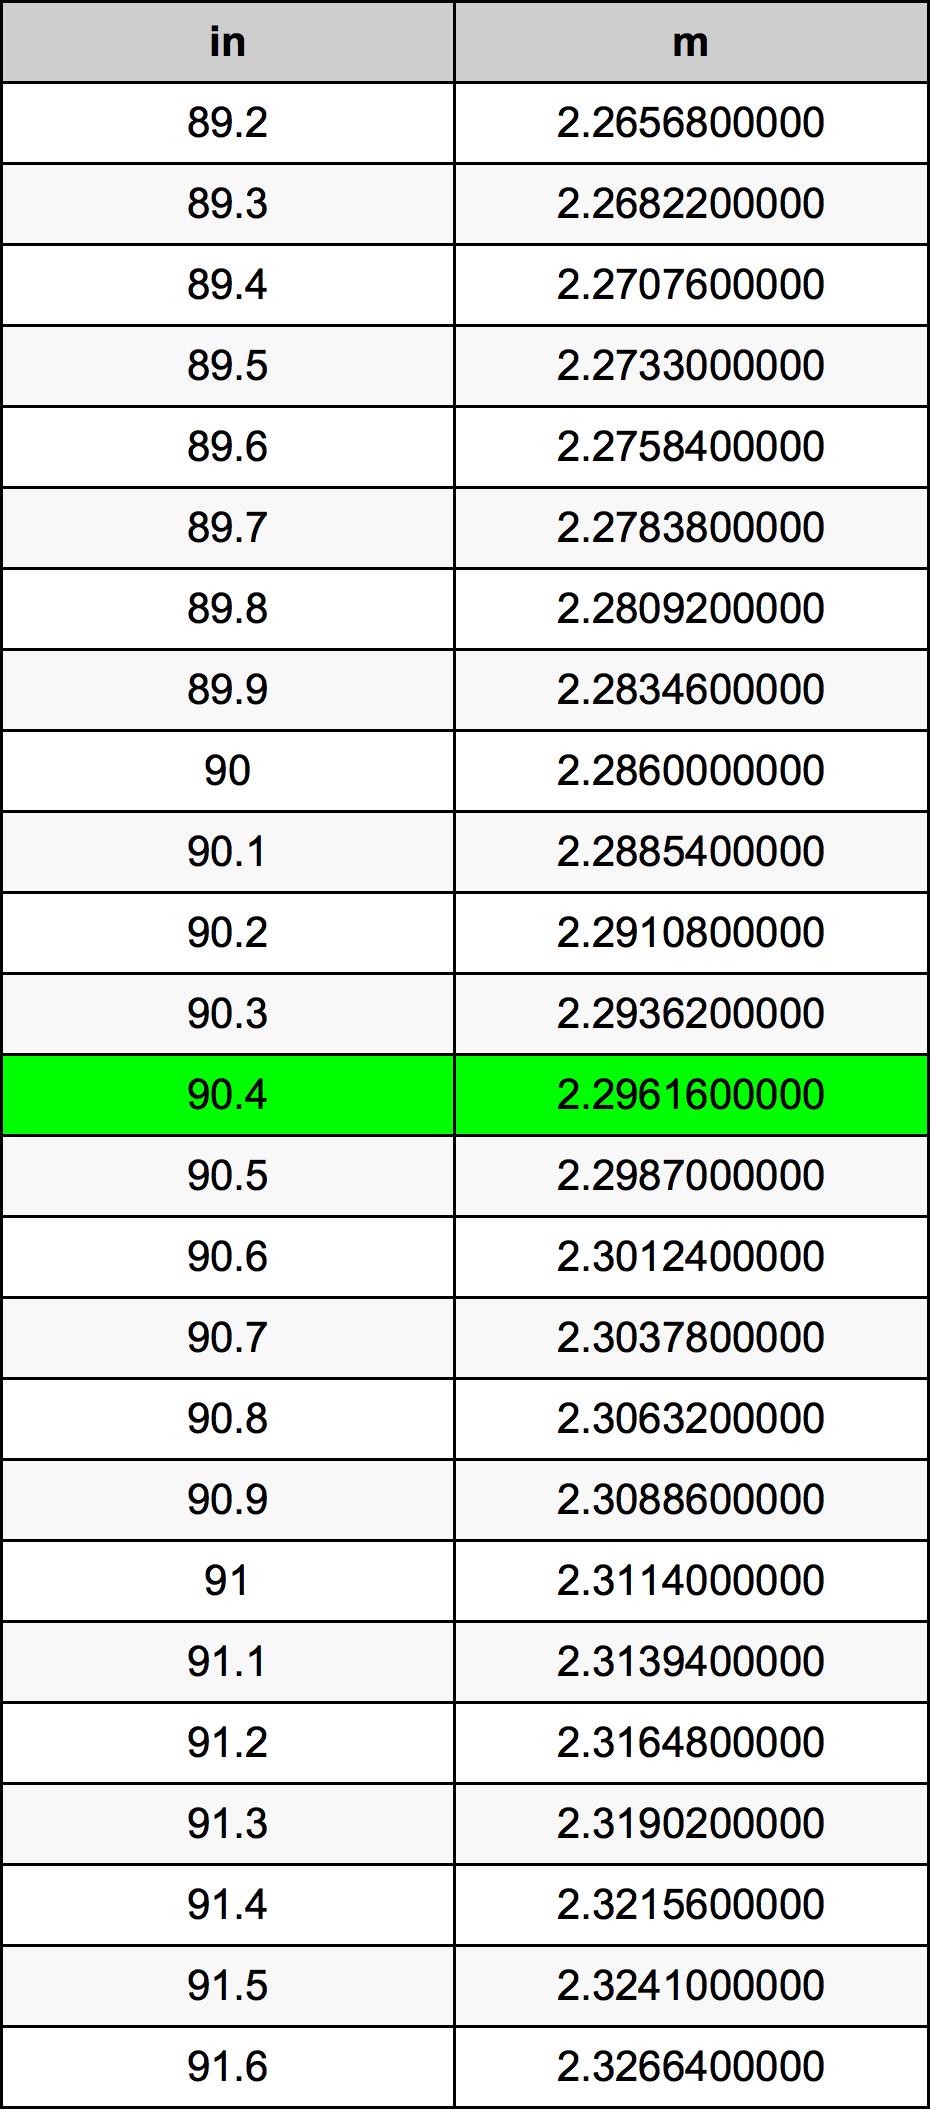 90.4インチ換算表